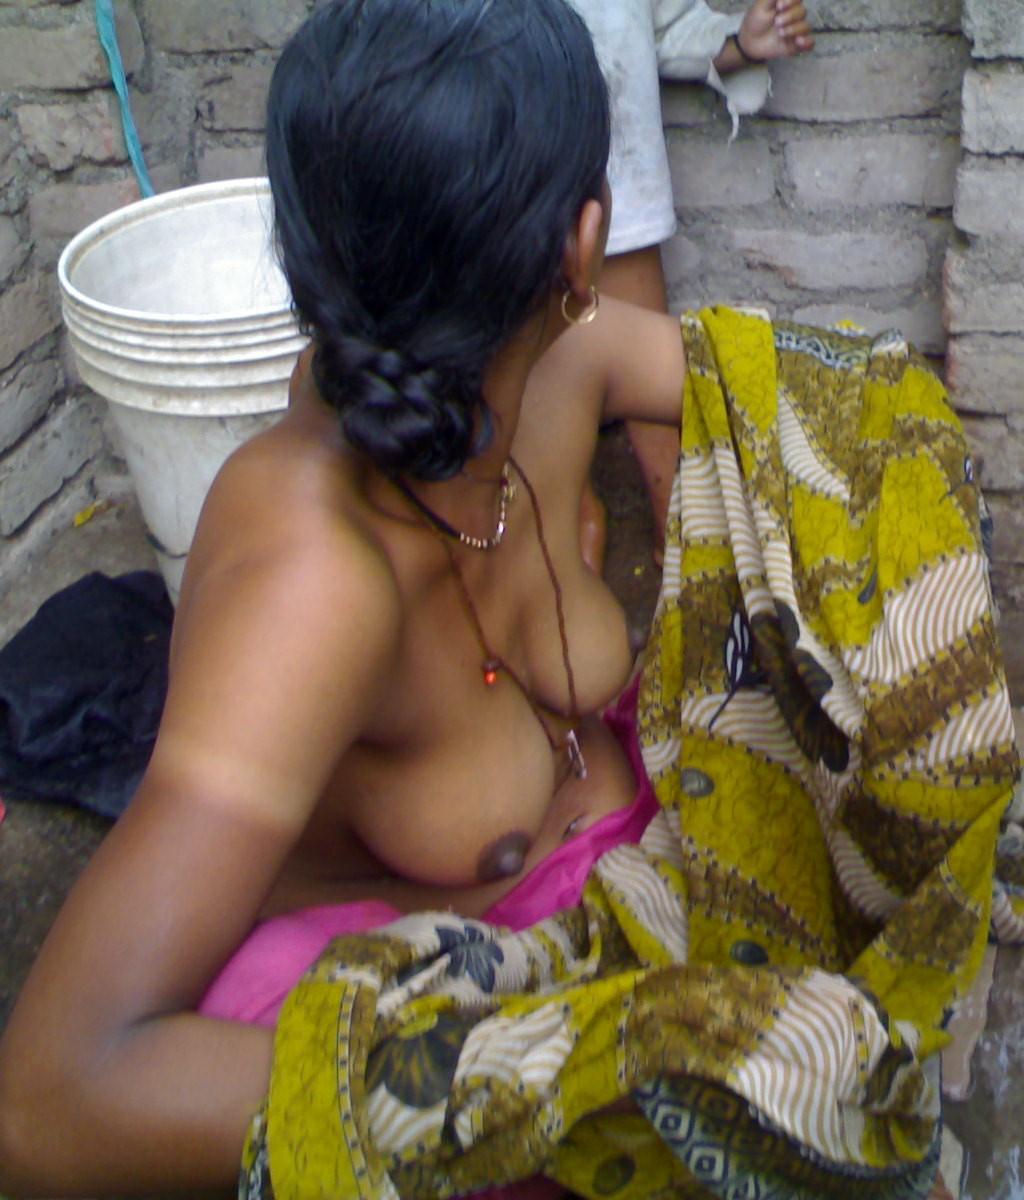 Nude indian hot girls hidden camera photos